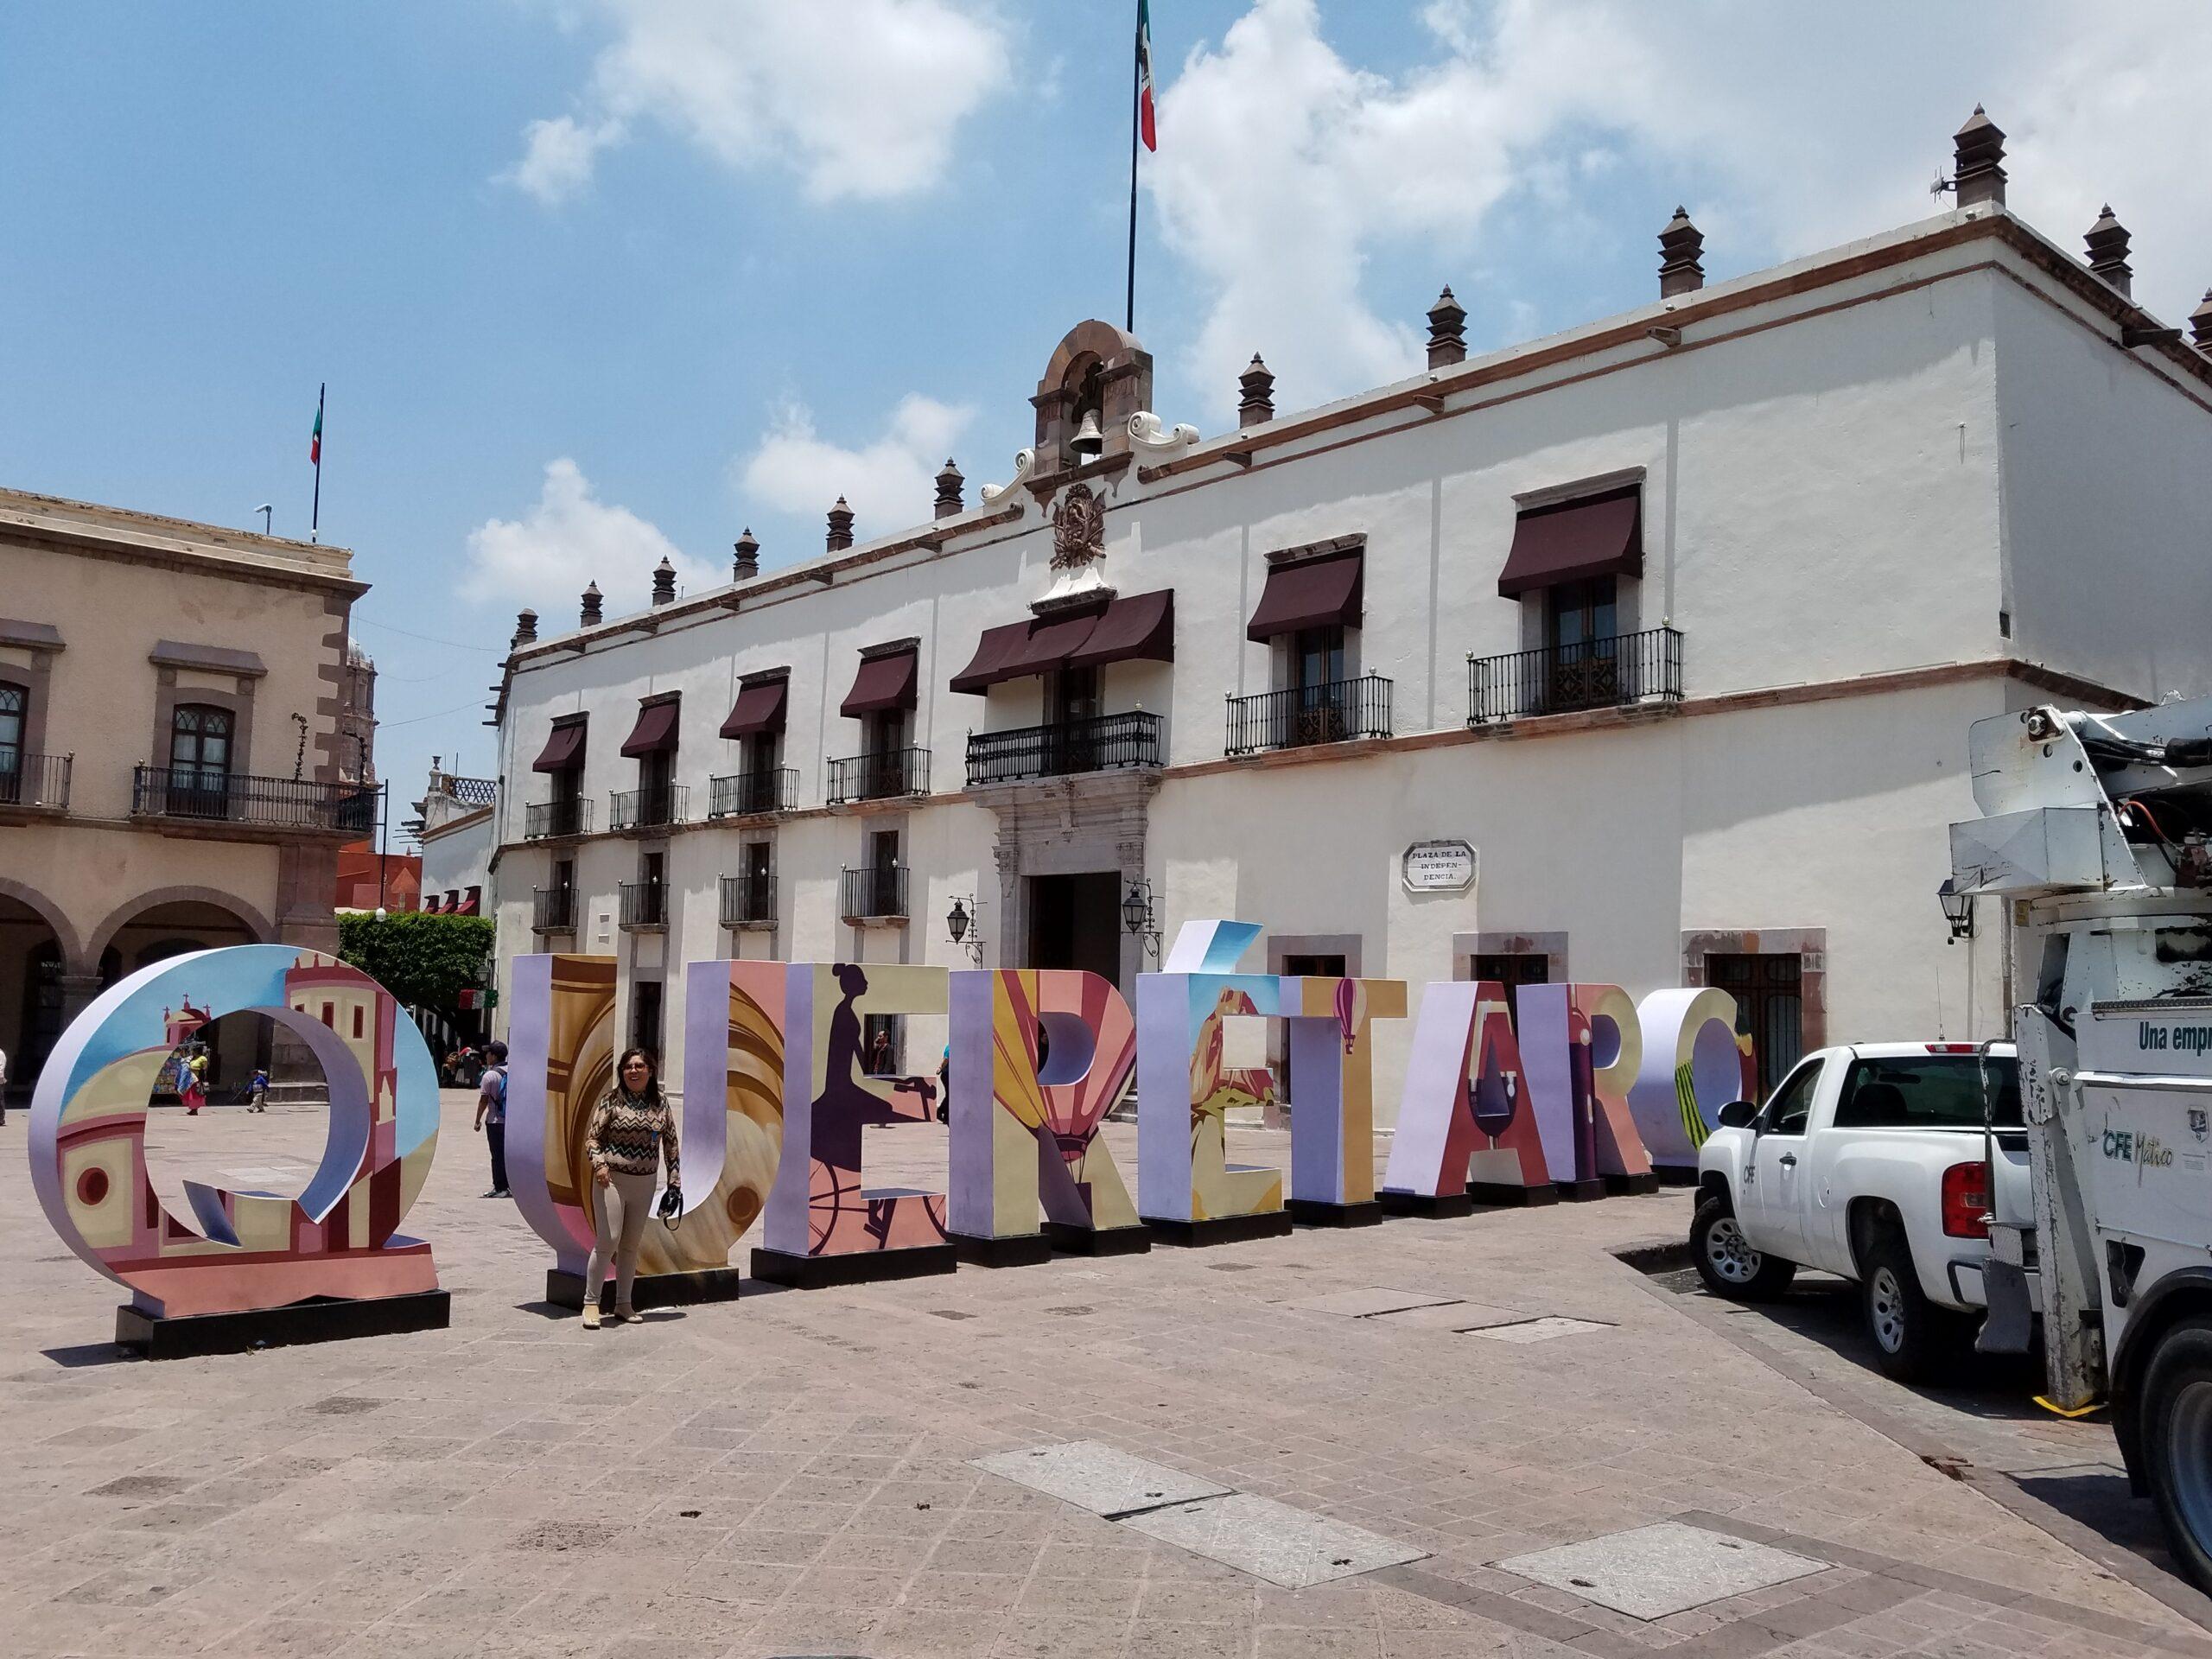 Casa de Corregidora in Plaza de Armas, Queretaro, Mexico